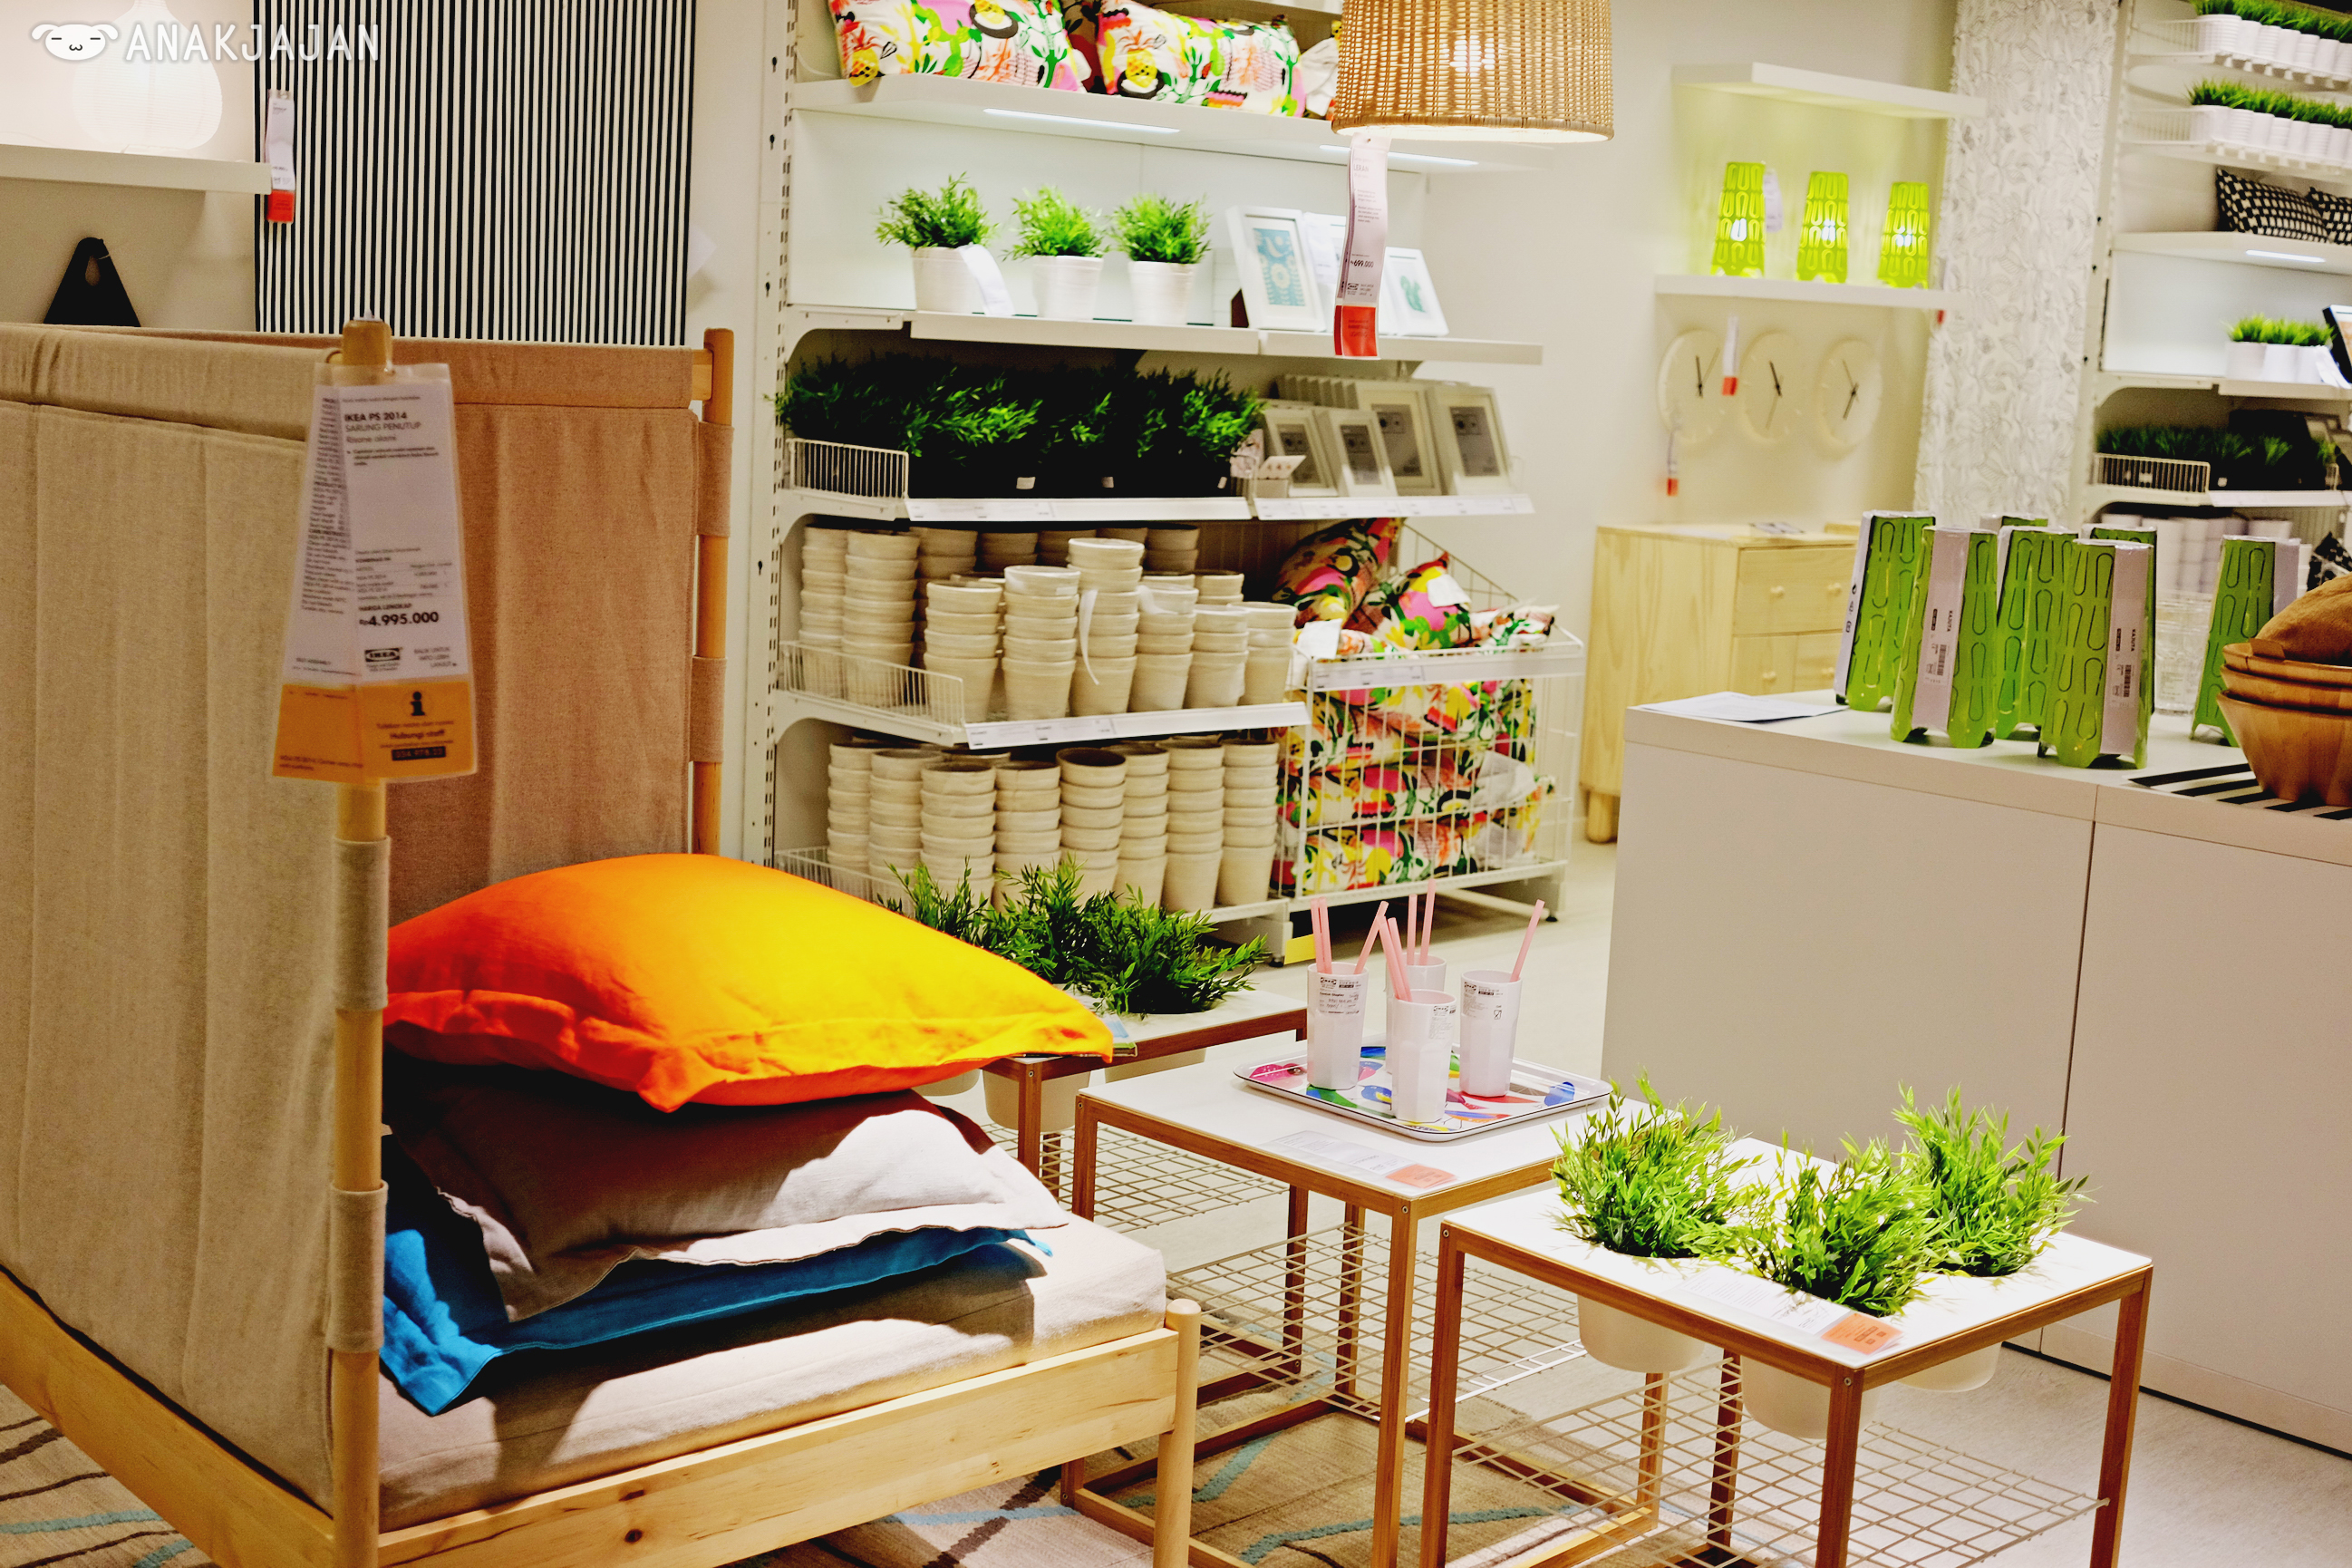 IKEA INDONESIA – Alam Sutera | ANAKJAJAN.COM